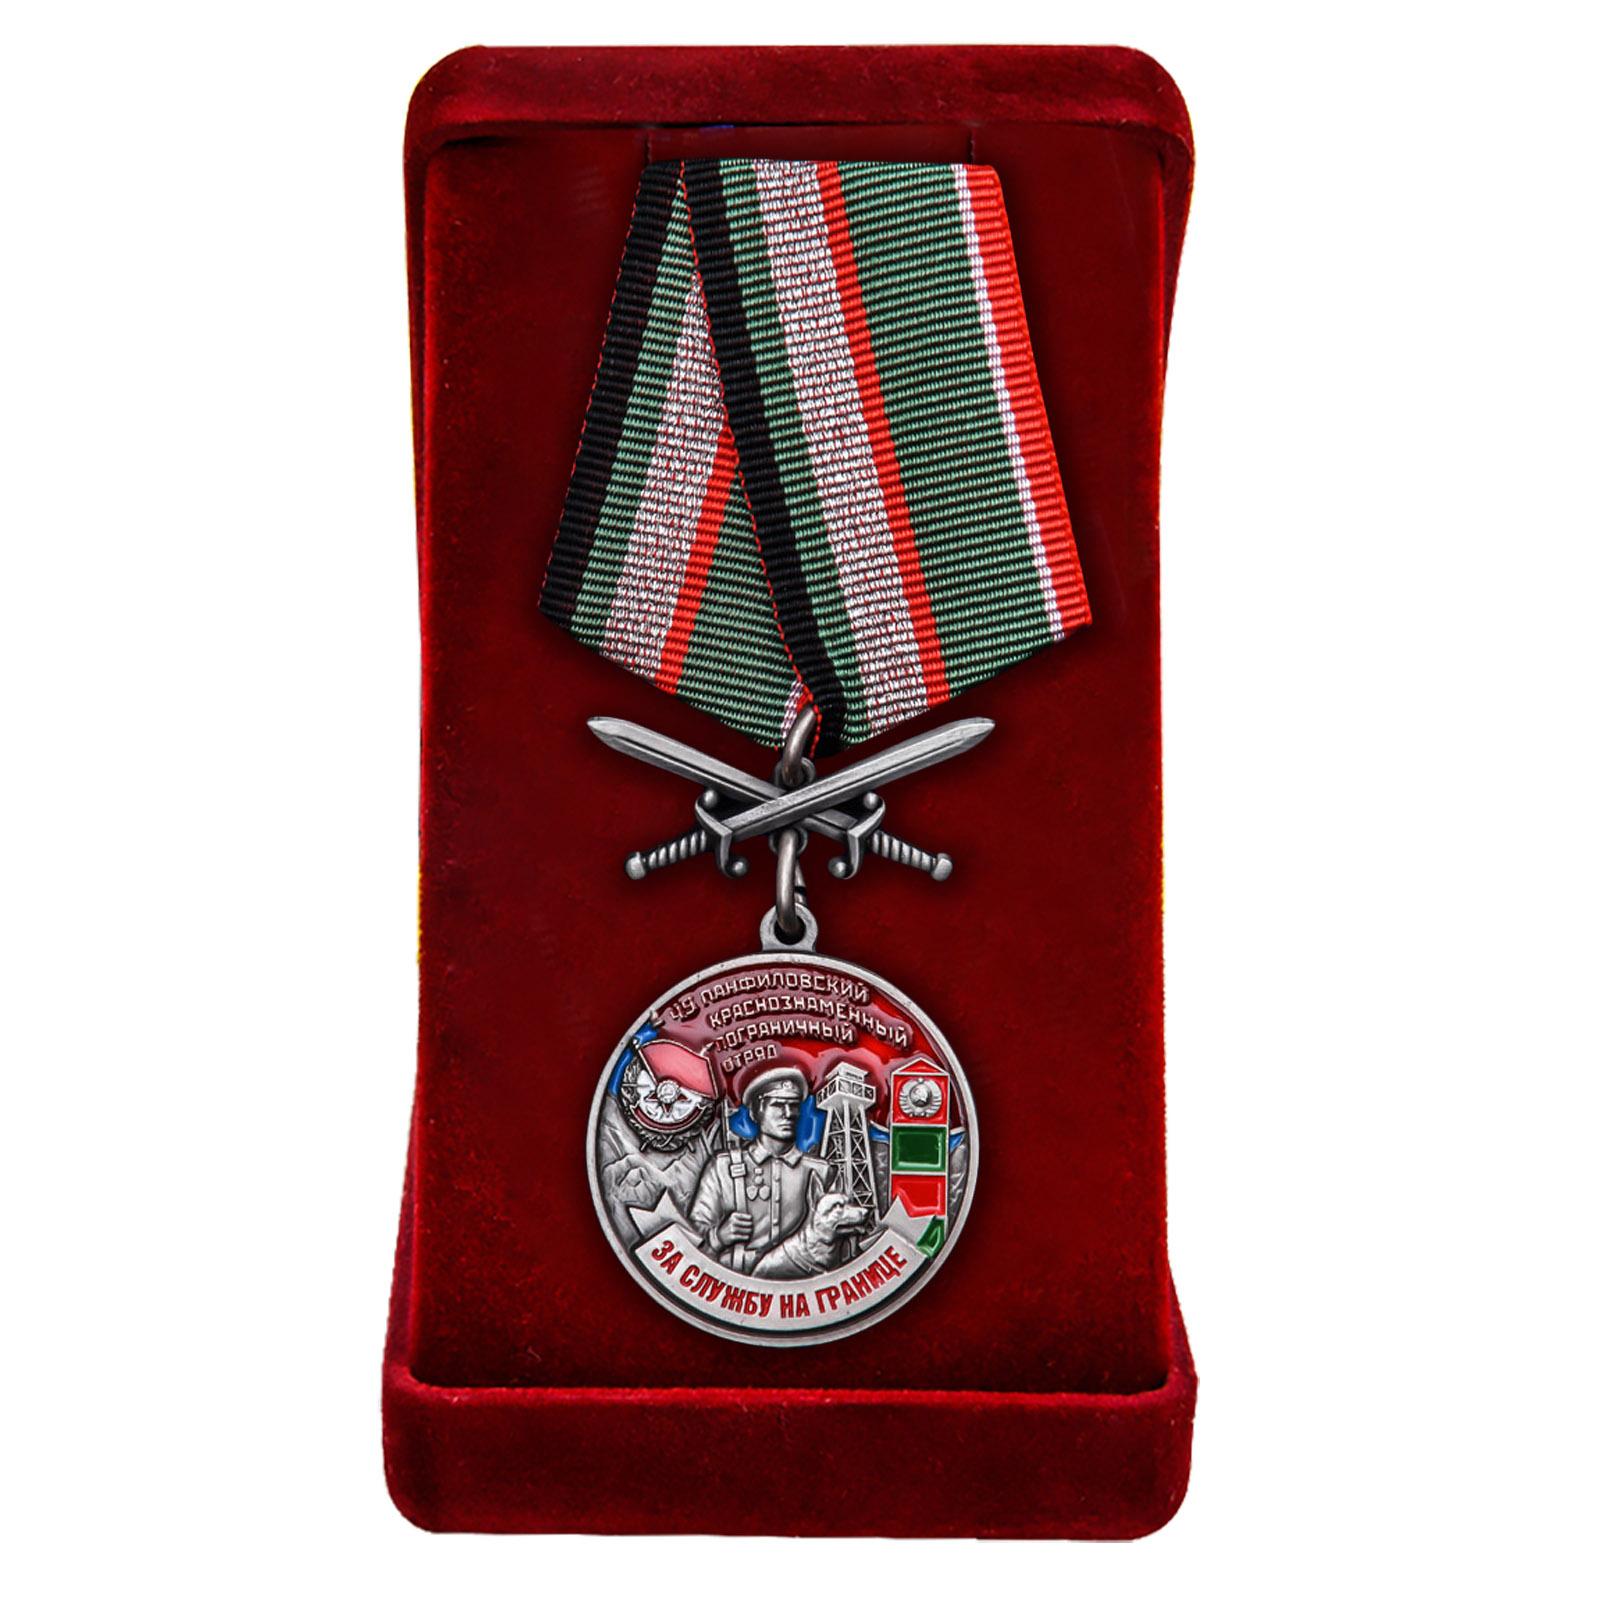 Купить медаль За службу на границе (49 Панфиловский ПогО) с доставкой